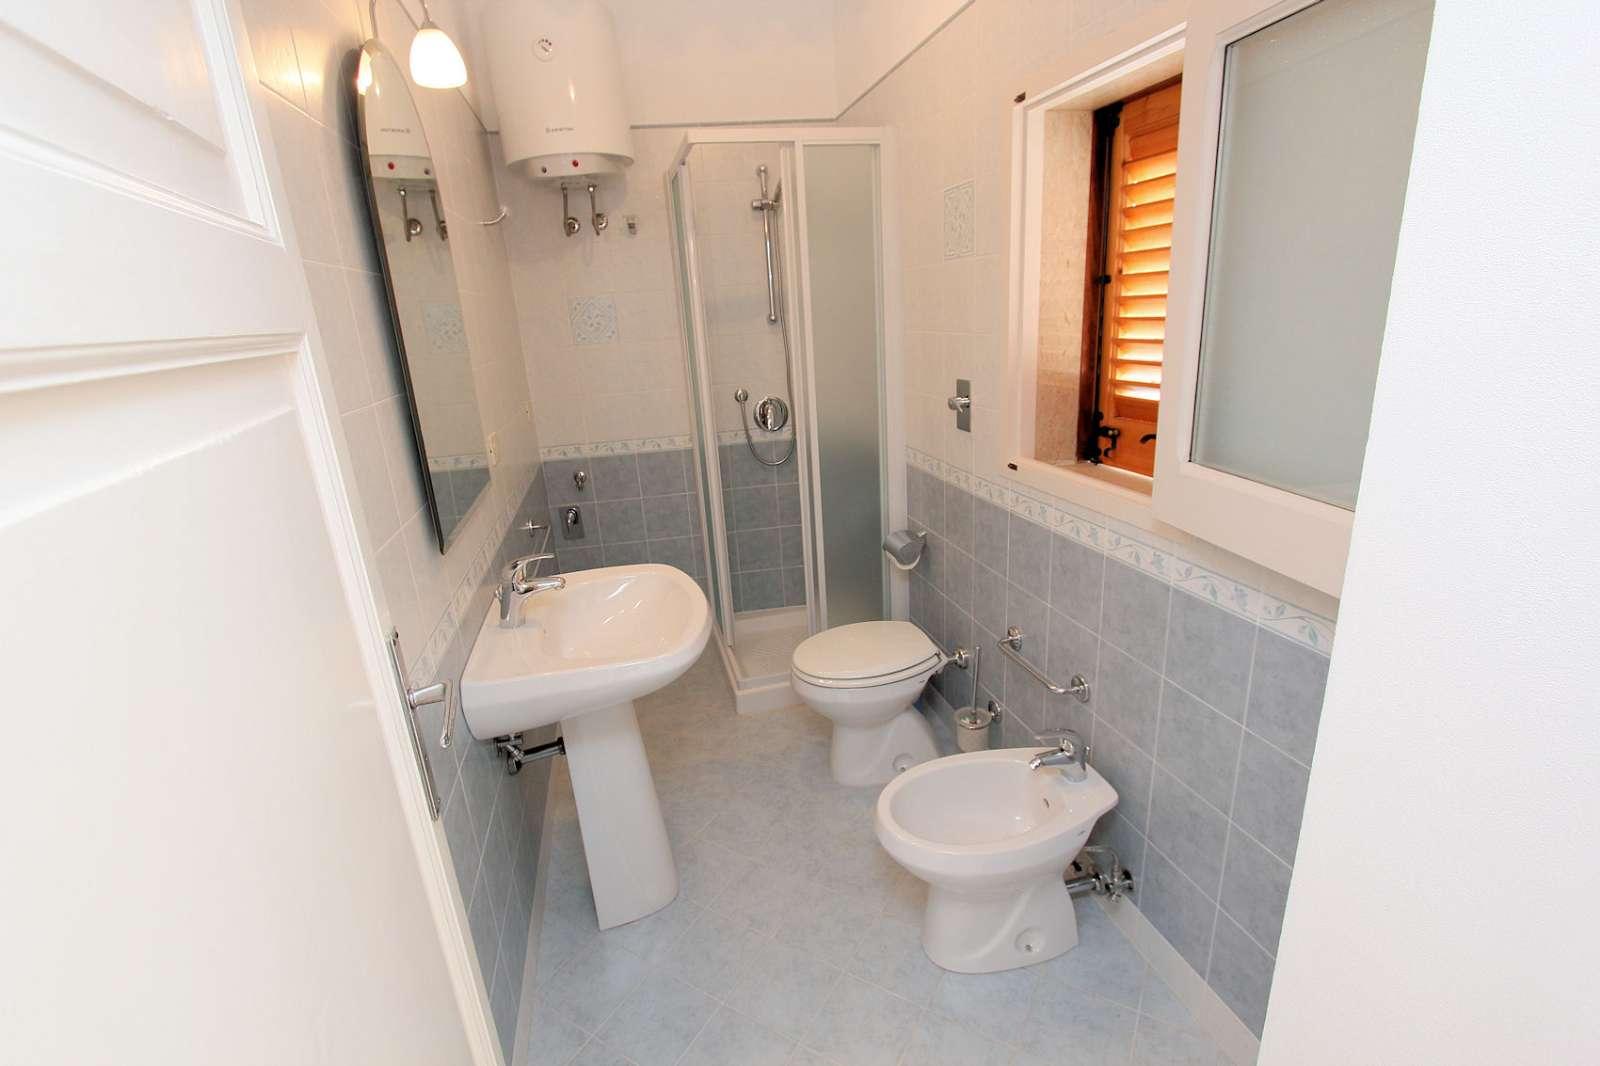 Das Badezimmer, für Verdana und Marta, welches sich auf dem Flur befindet